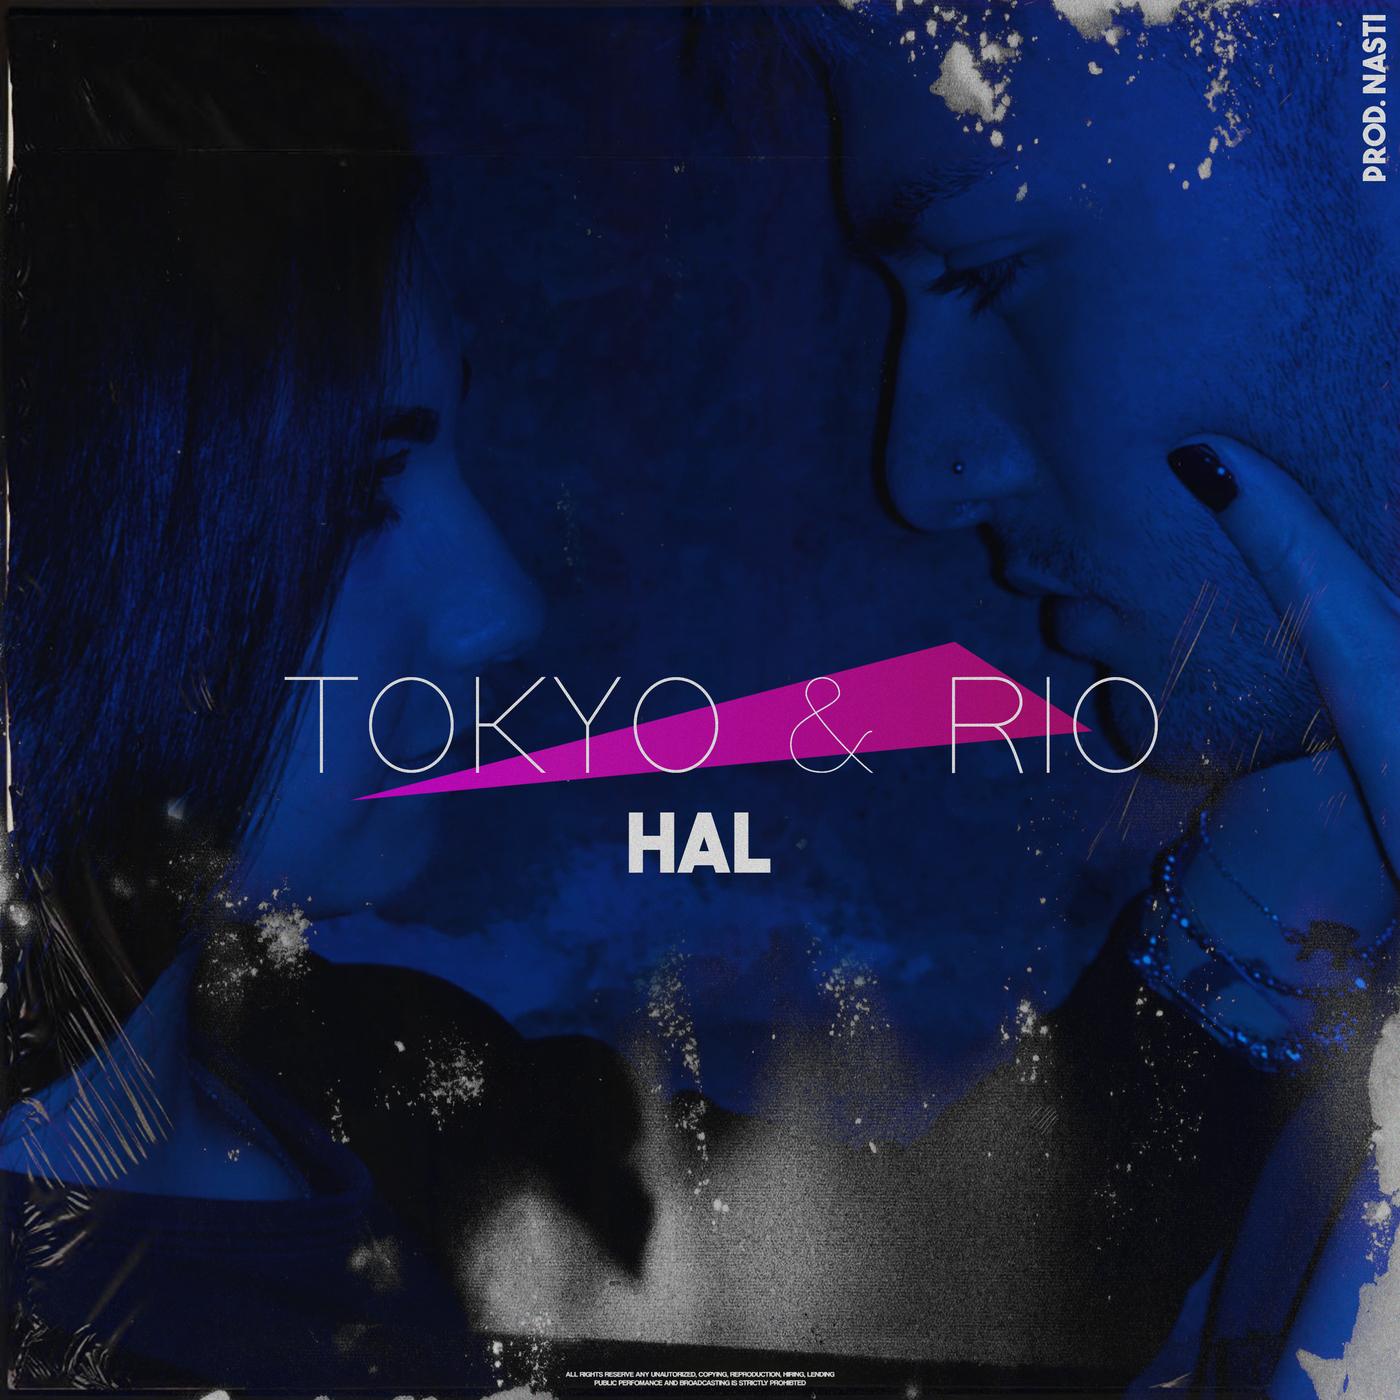 Tokyo e Rio - Hal